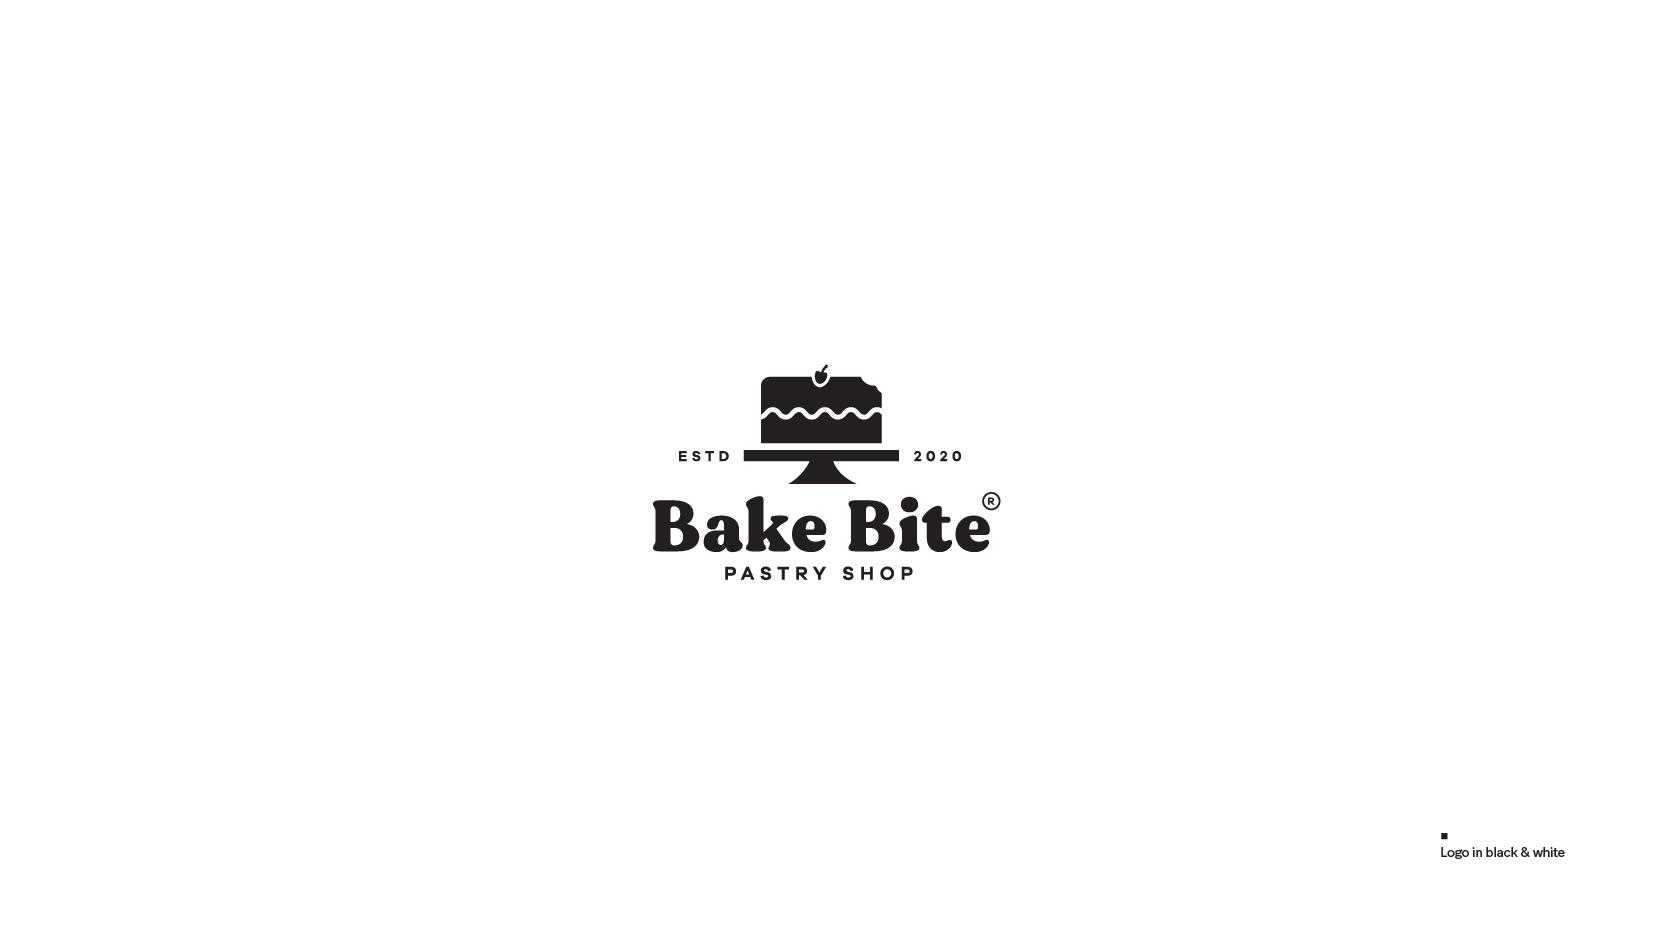 Bake Bite